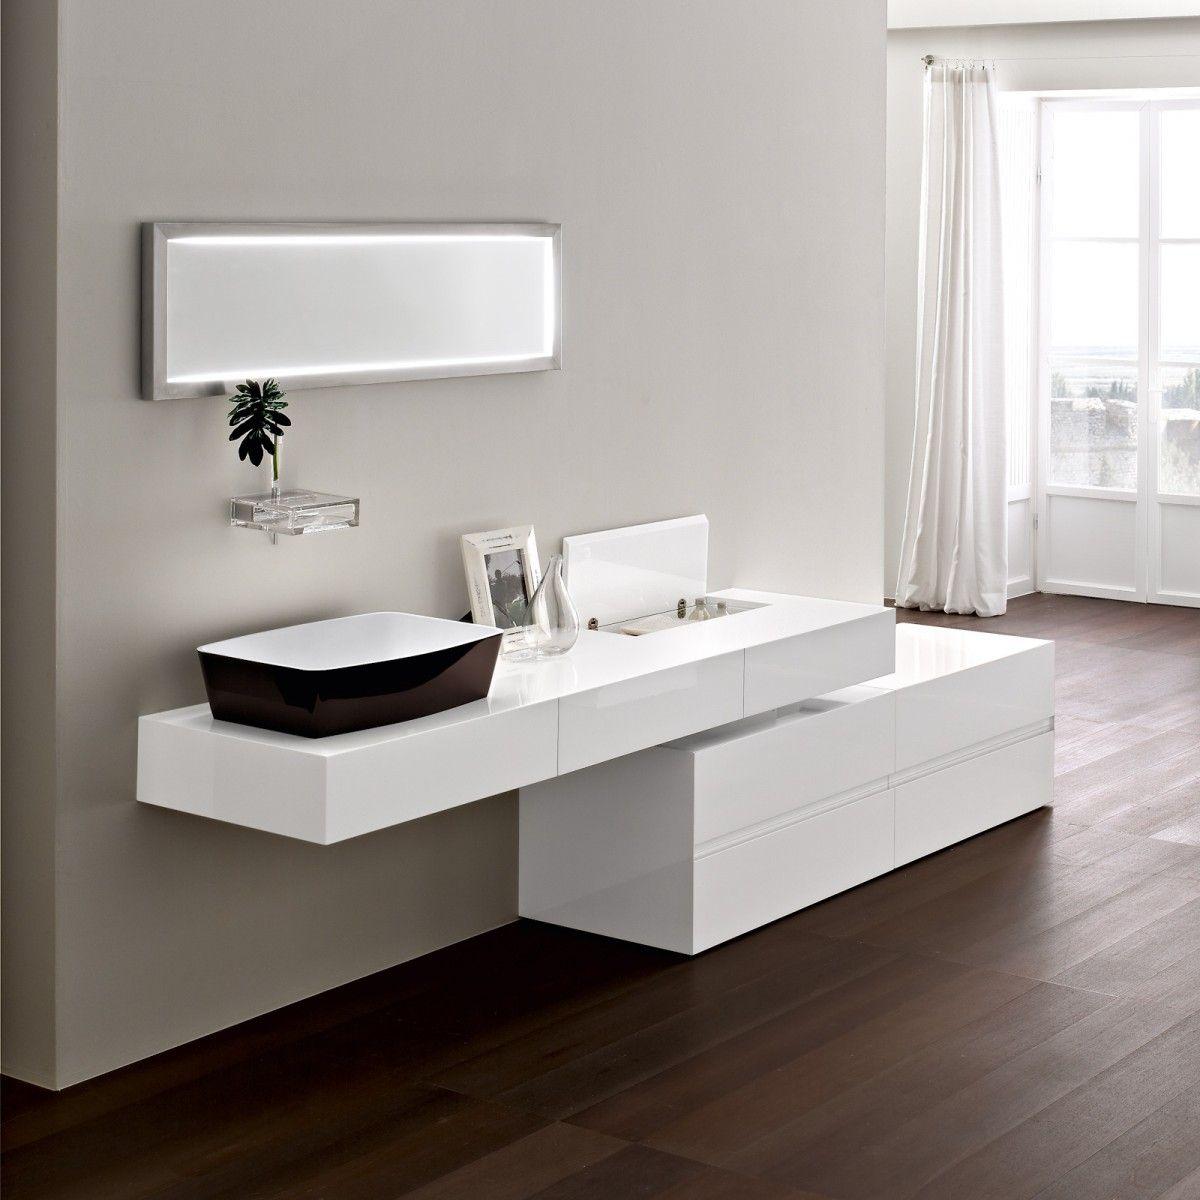 7 Dise Os De Cuartos De Ba O Ultra Modernos Actualiza La  # Muebles Figuras Y Formas